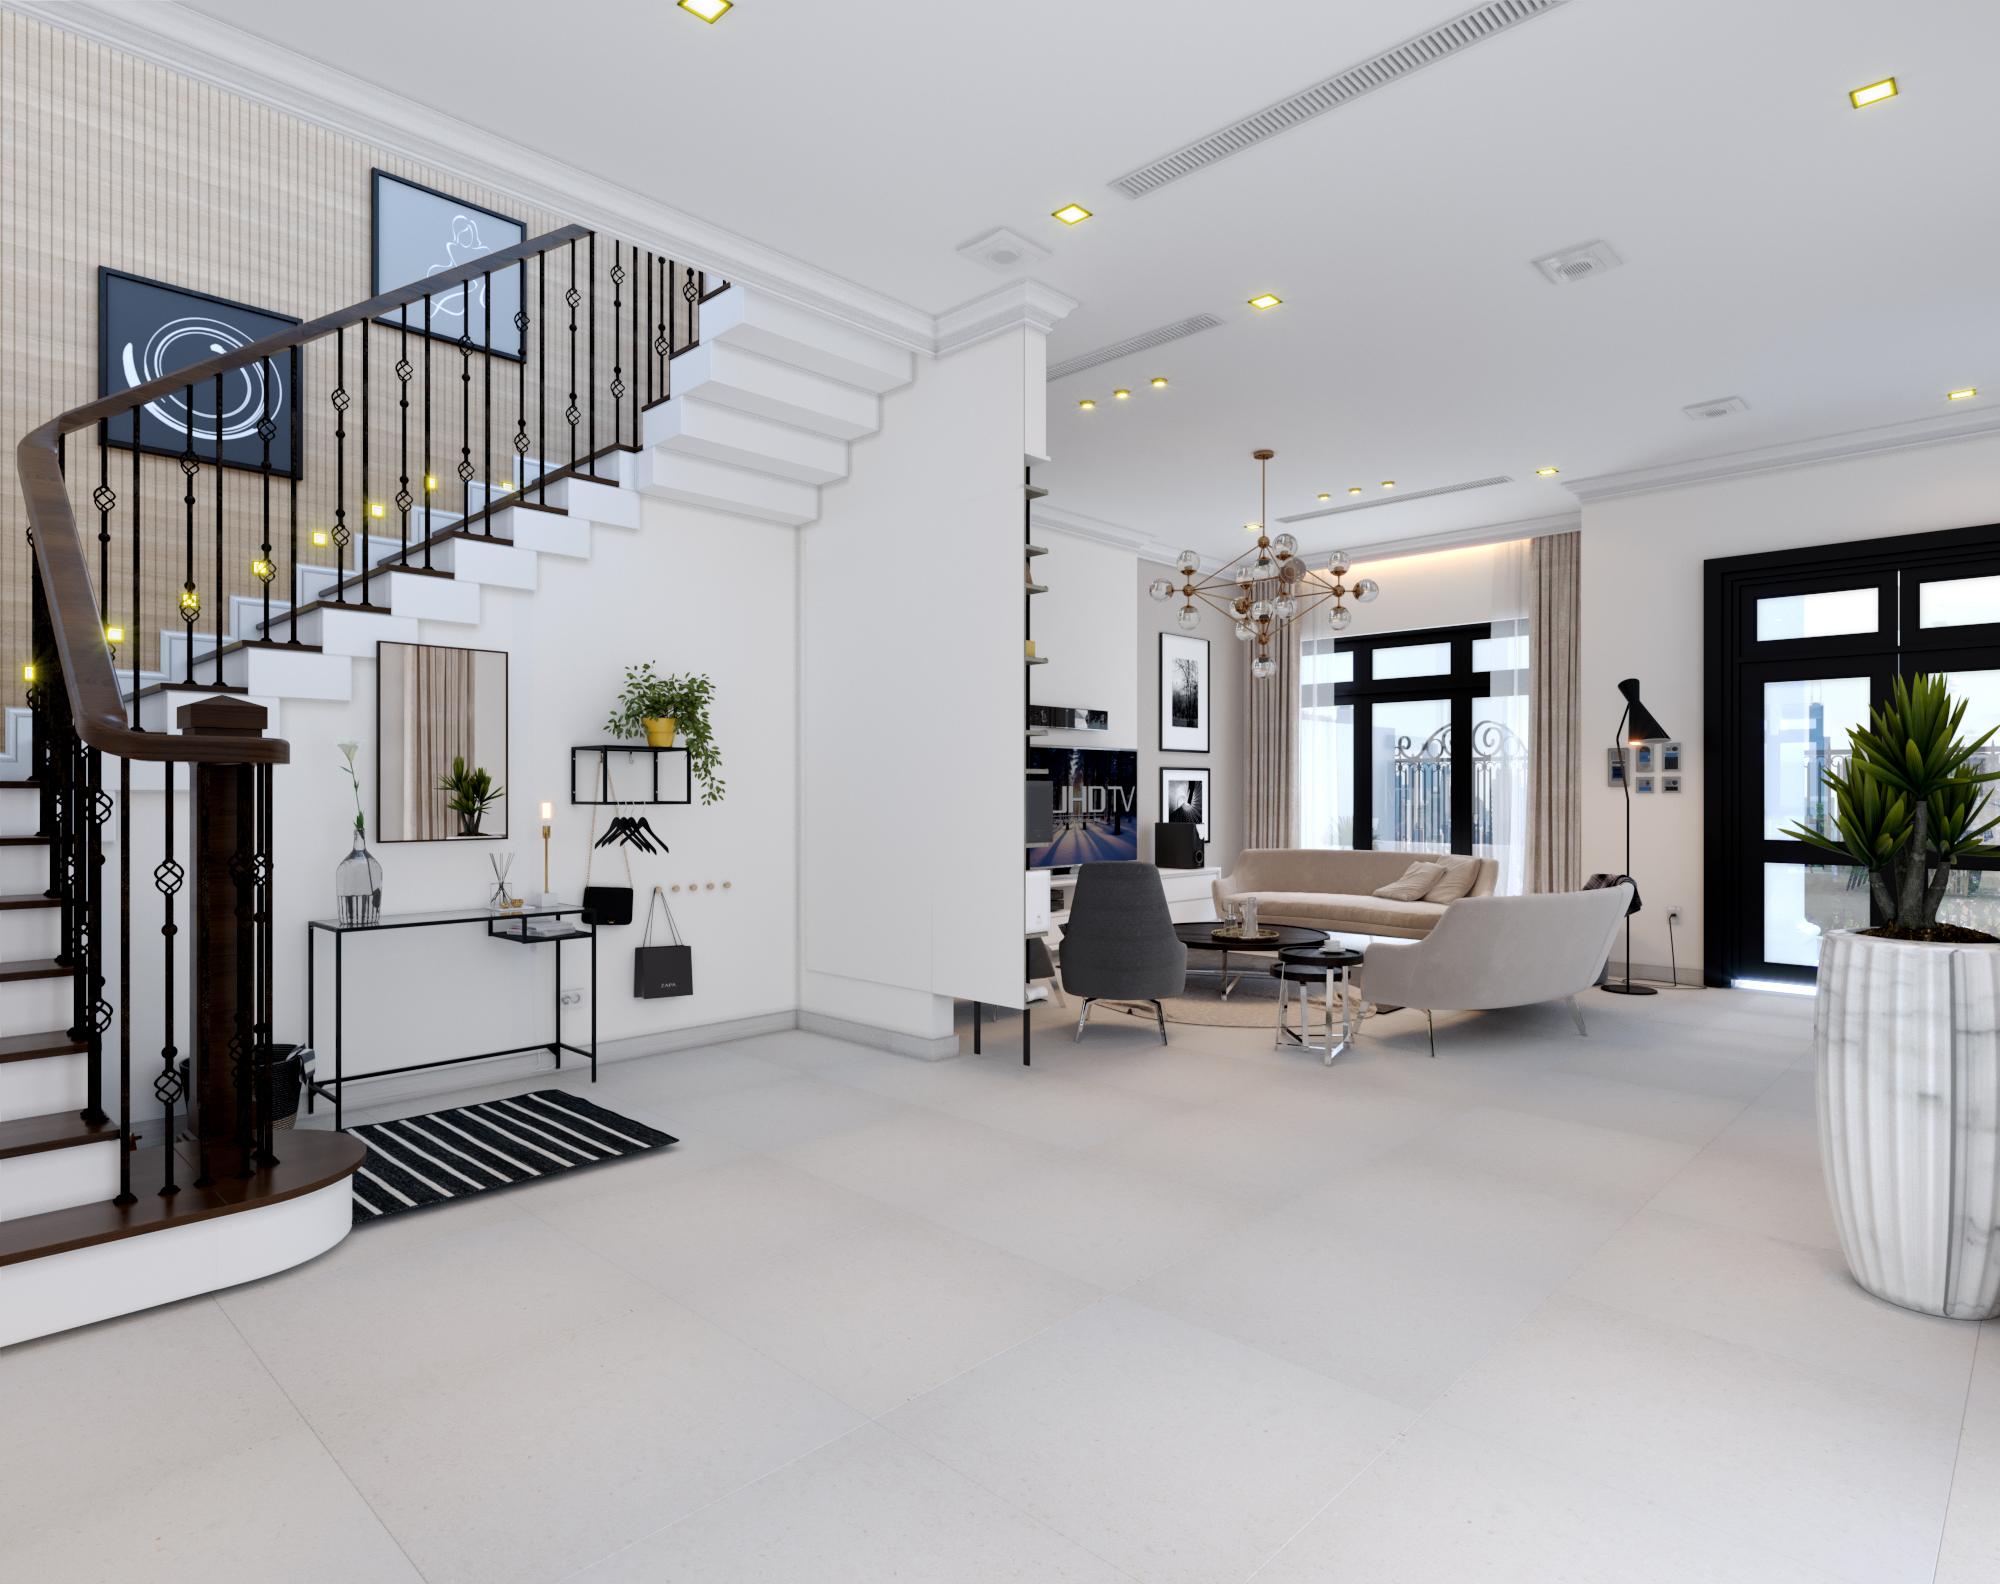 thiết kế Nội thất Biệt Thự 4 tầng Biệt thự Vinhomes - the Harmony14